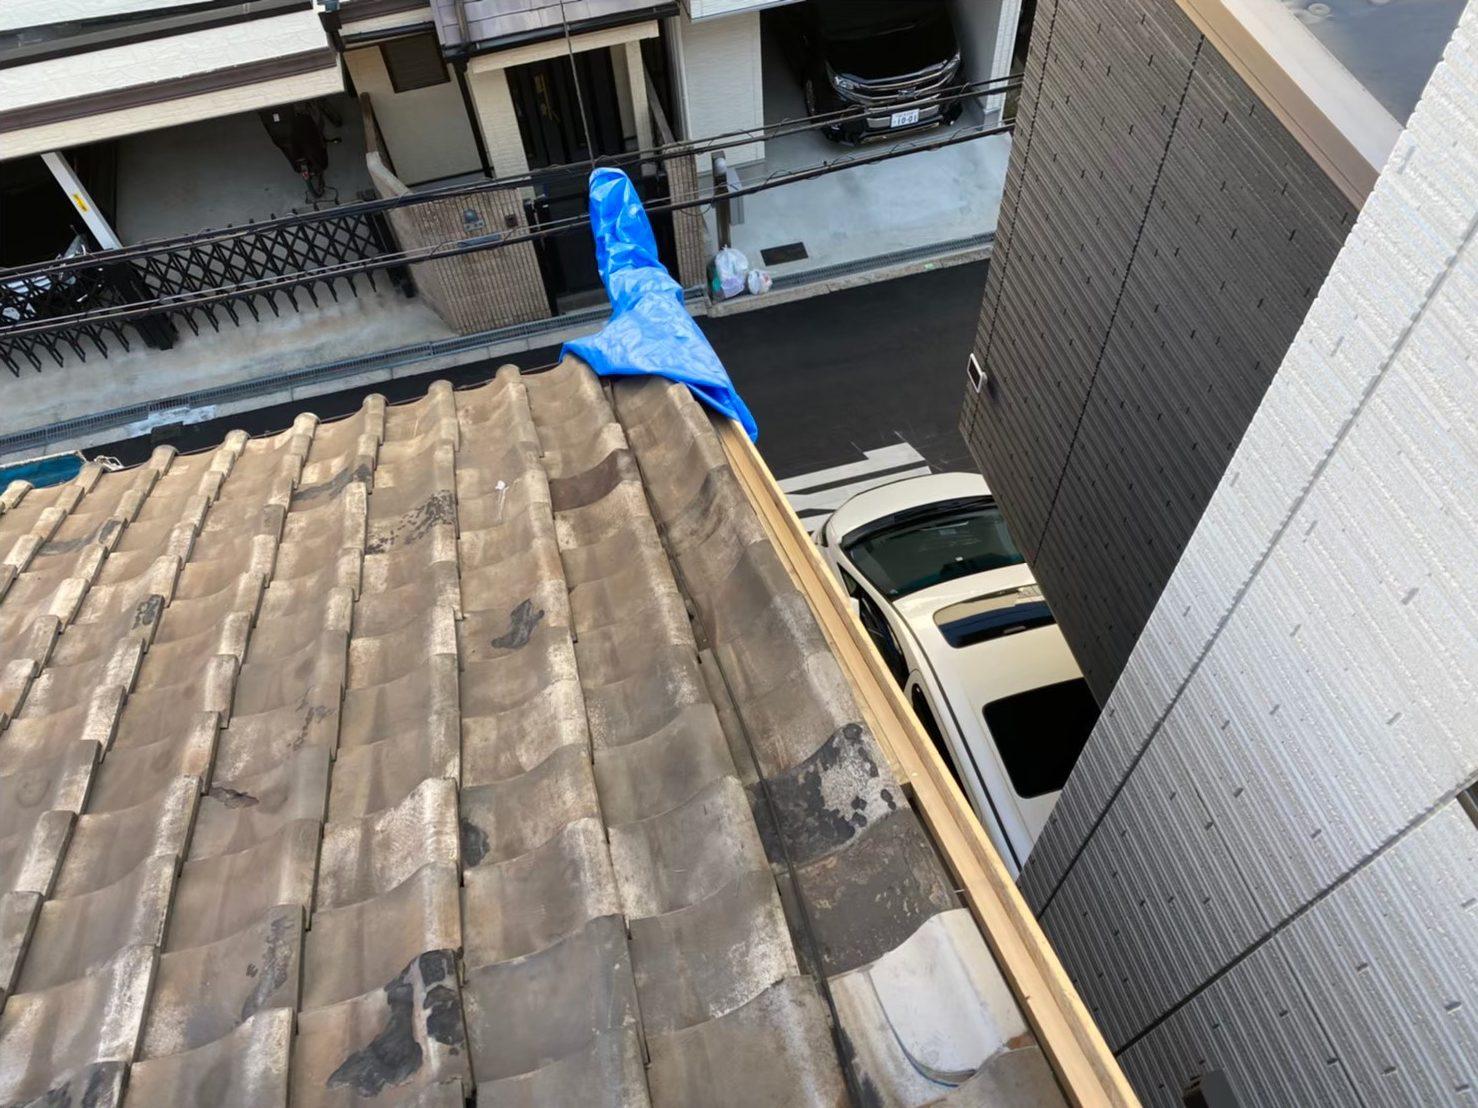 奈良市の瓦屋根の長屋で雨漏り調査